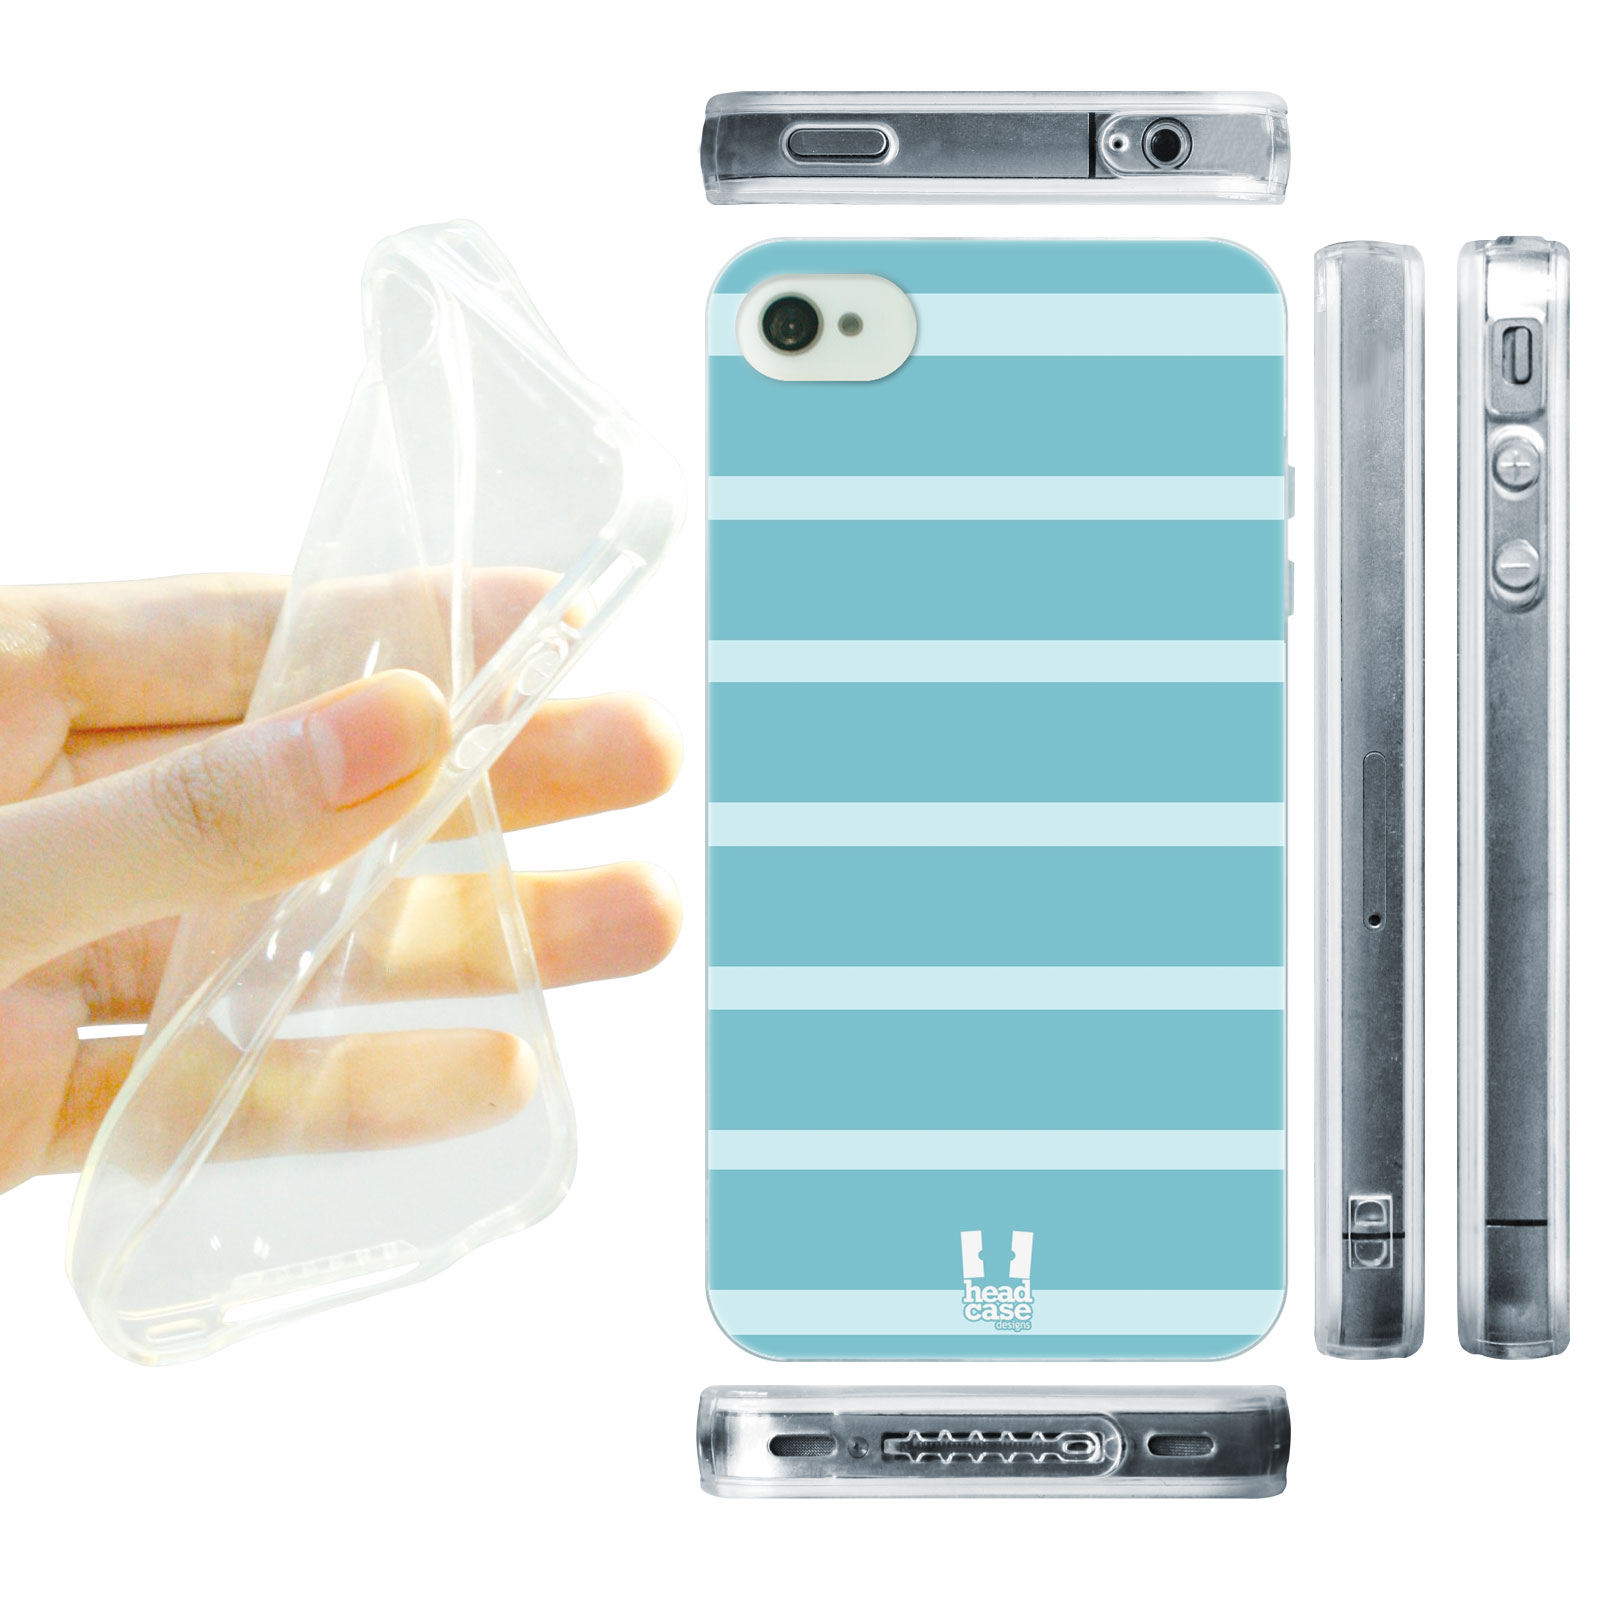 HEAD CASE silikonový obal na mobil Iphone 4/4S barevné pruhy modrá světlá